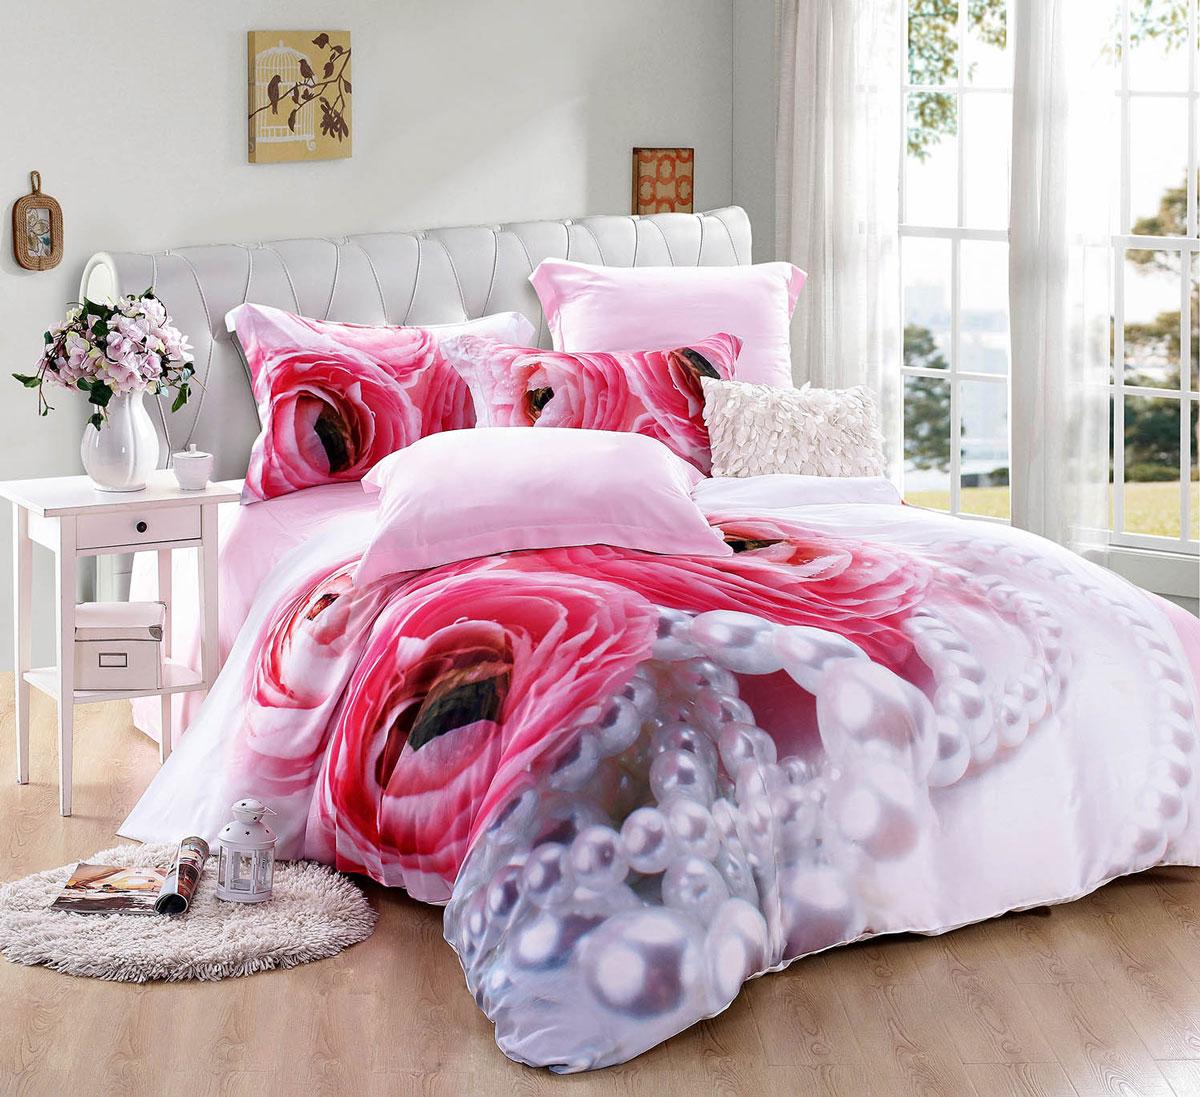 Комплект постельного белья Tango Wilfred, евро, наволочки 50х70, 70х70, цвет: розовый, красный комплекты постельного белья tango постельное белье jacklyn 2 сп евро